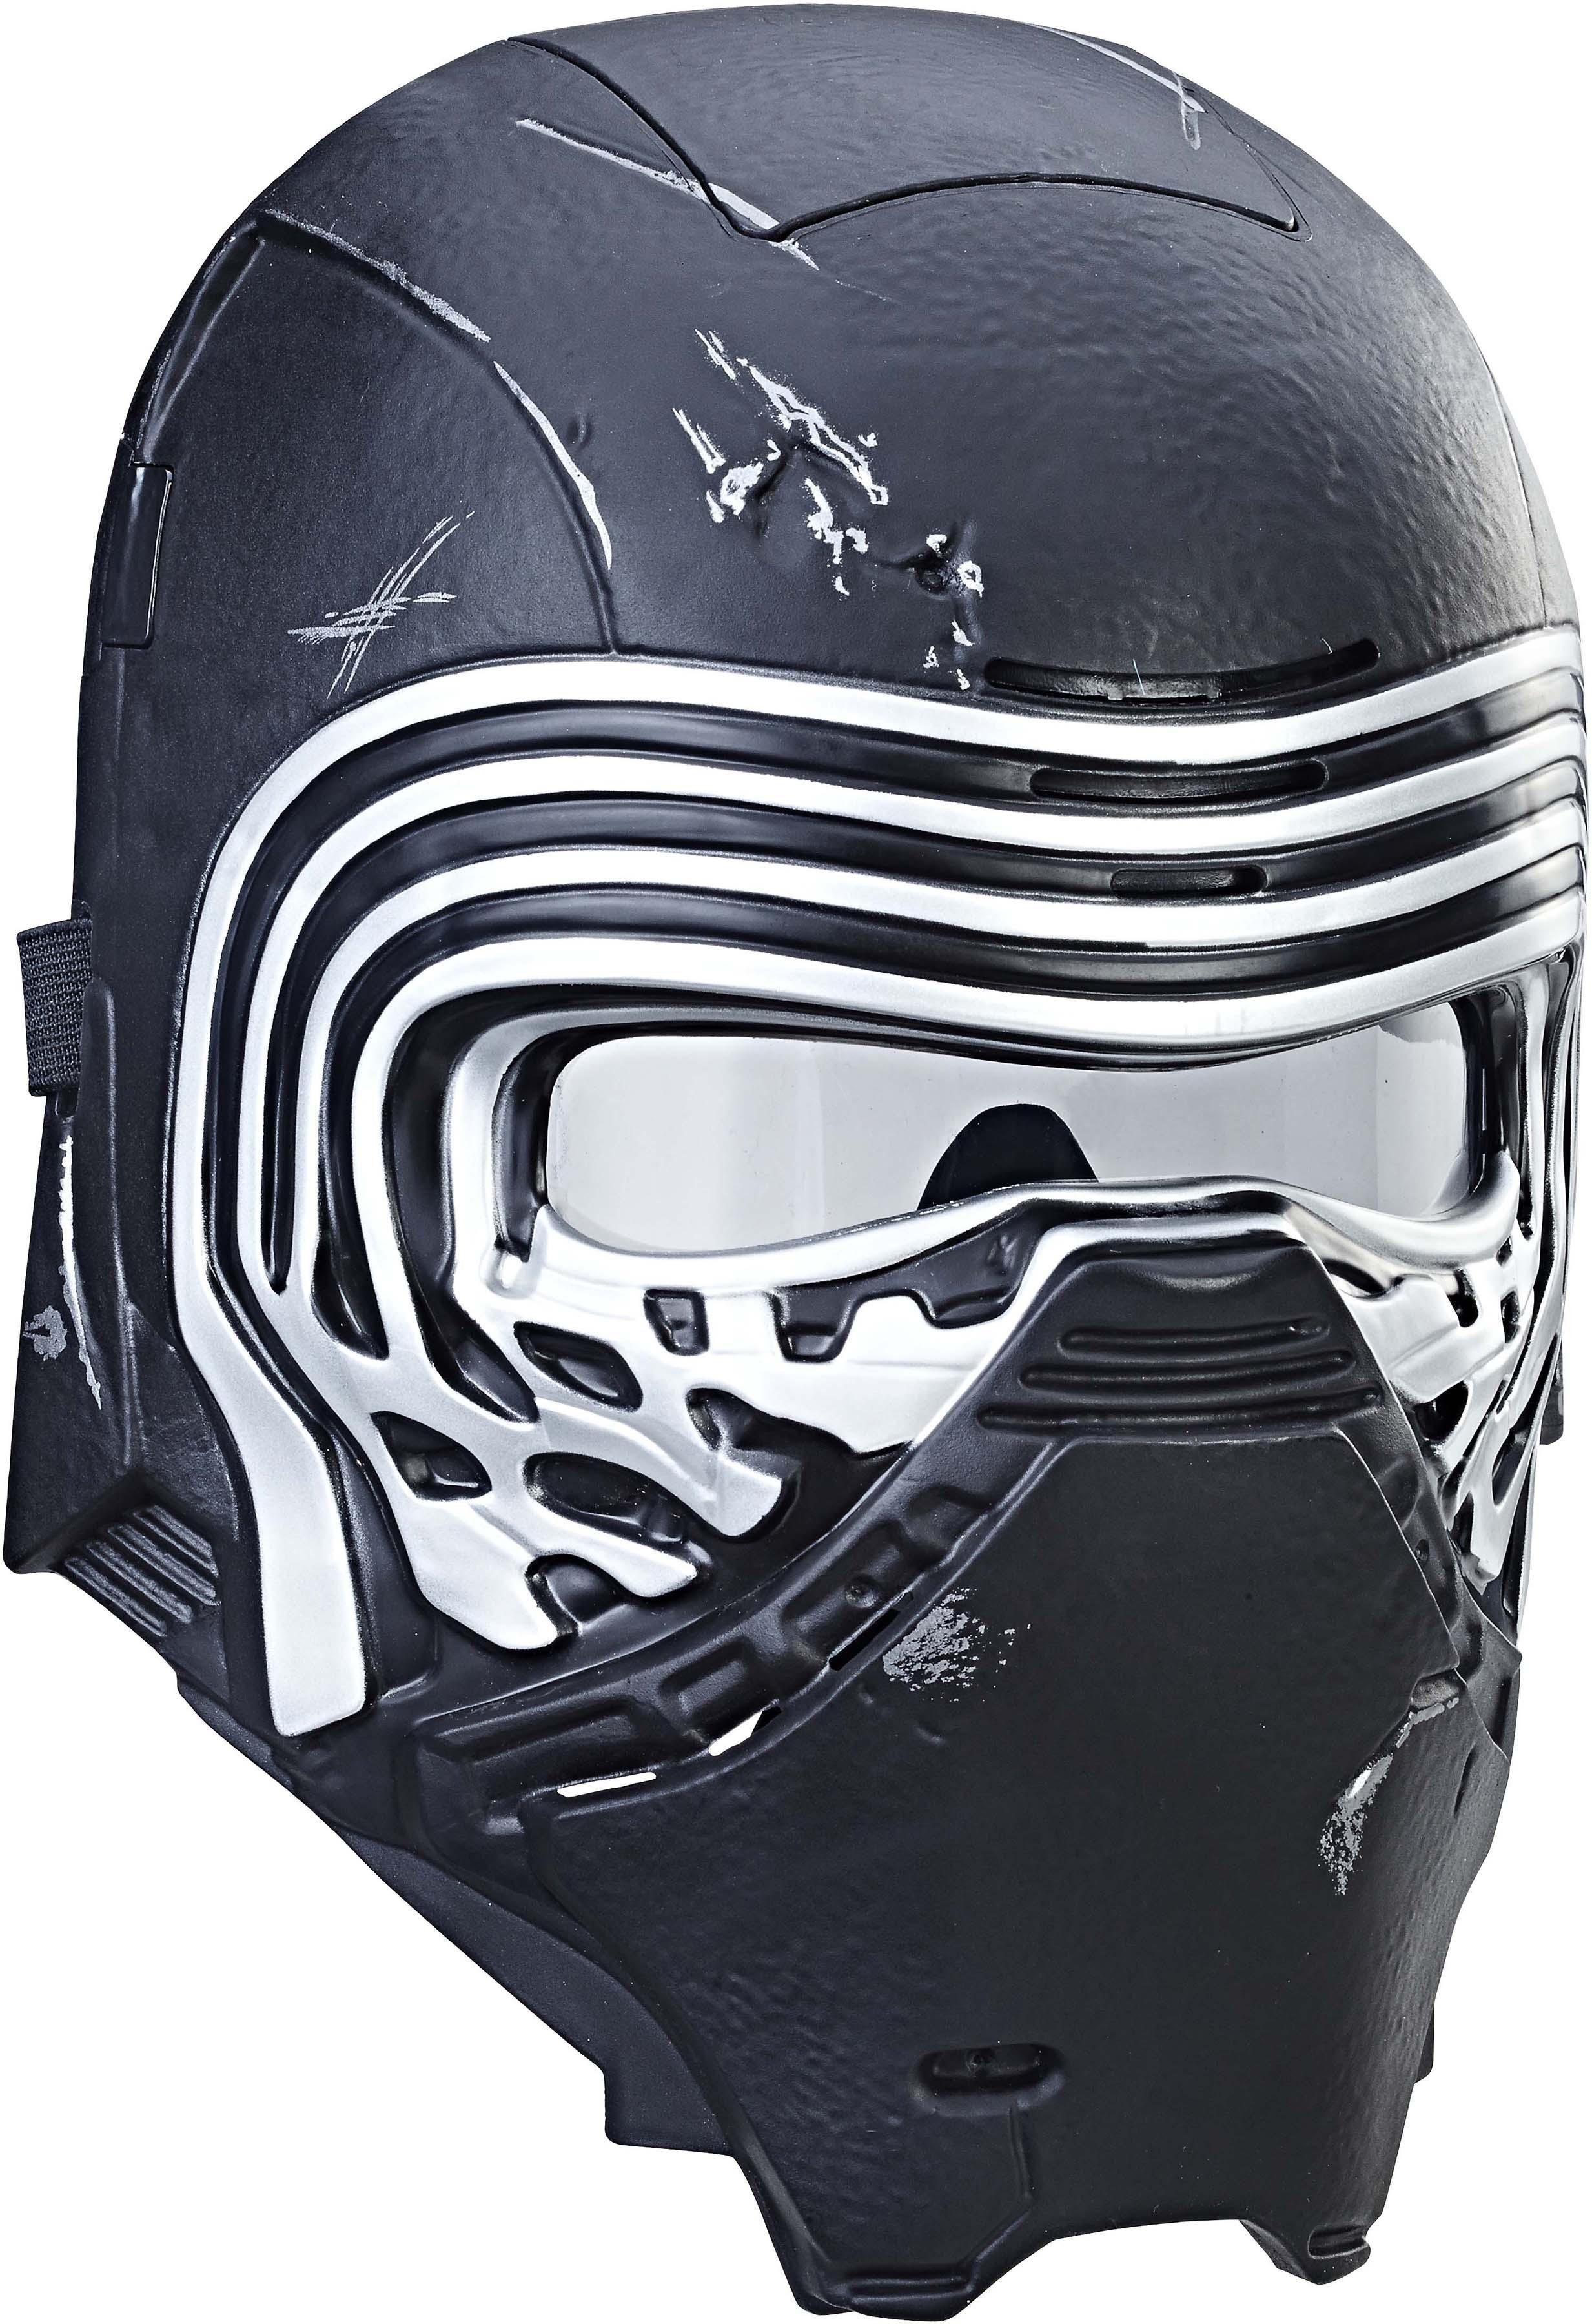 Hasbro Kostümzubehör, »Star Wars™ Episode 8, Kylo Ren elektronische Maske mit Stimmenverzerrer«